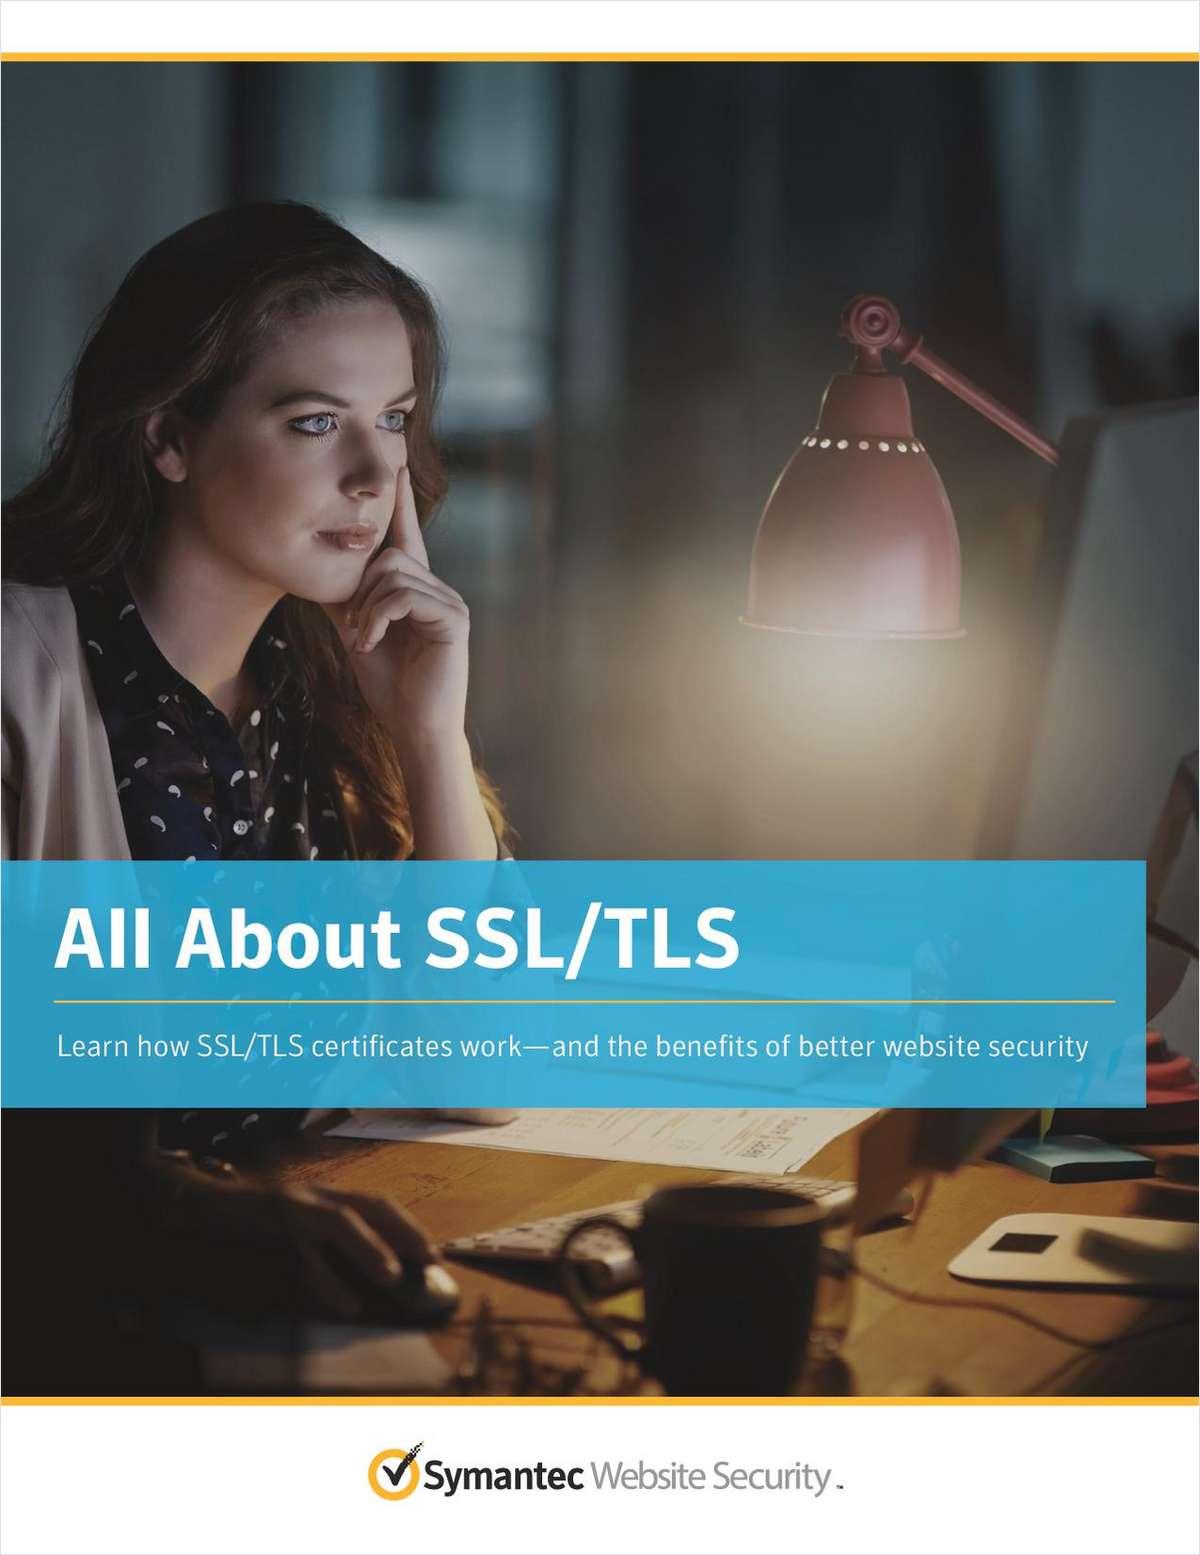 All About SSL/TLS